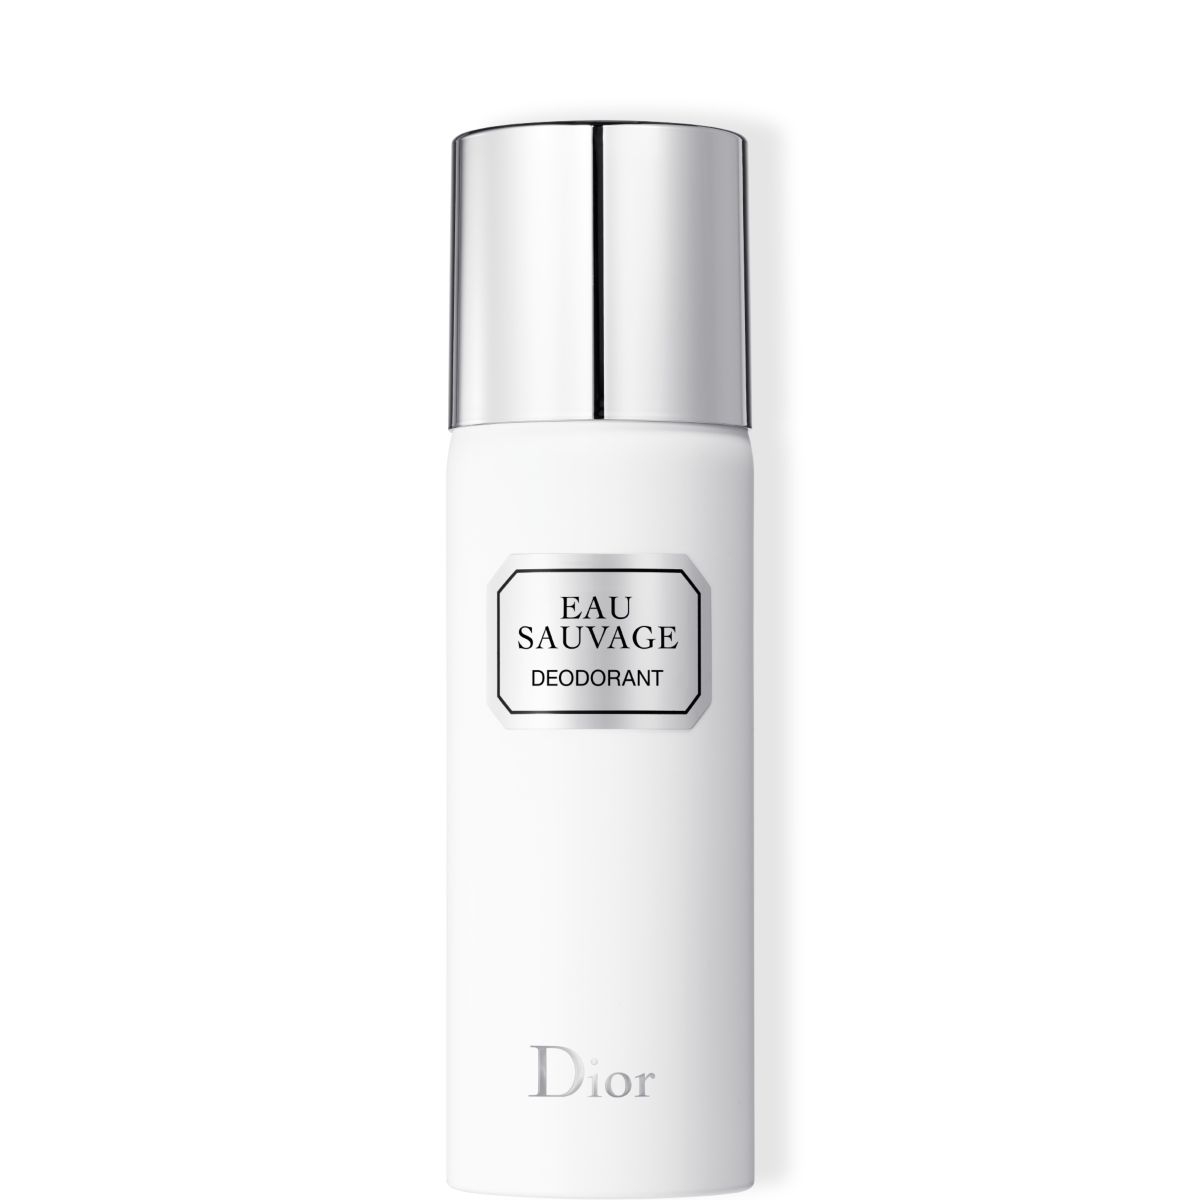 Dior - Eau Sauvage - Déodorant Vaporisateur 150 ml